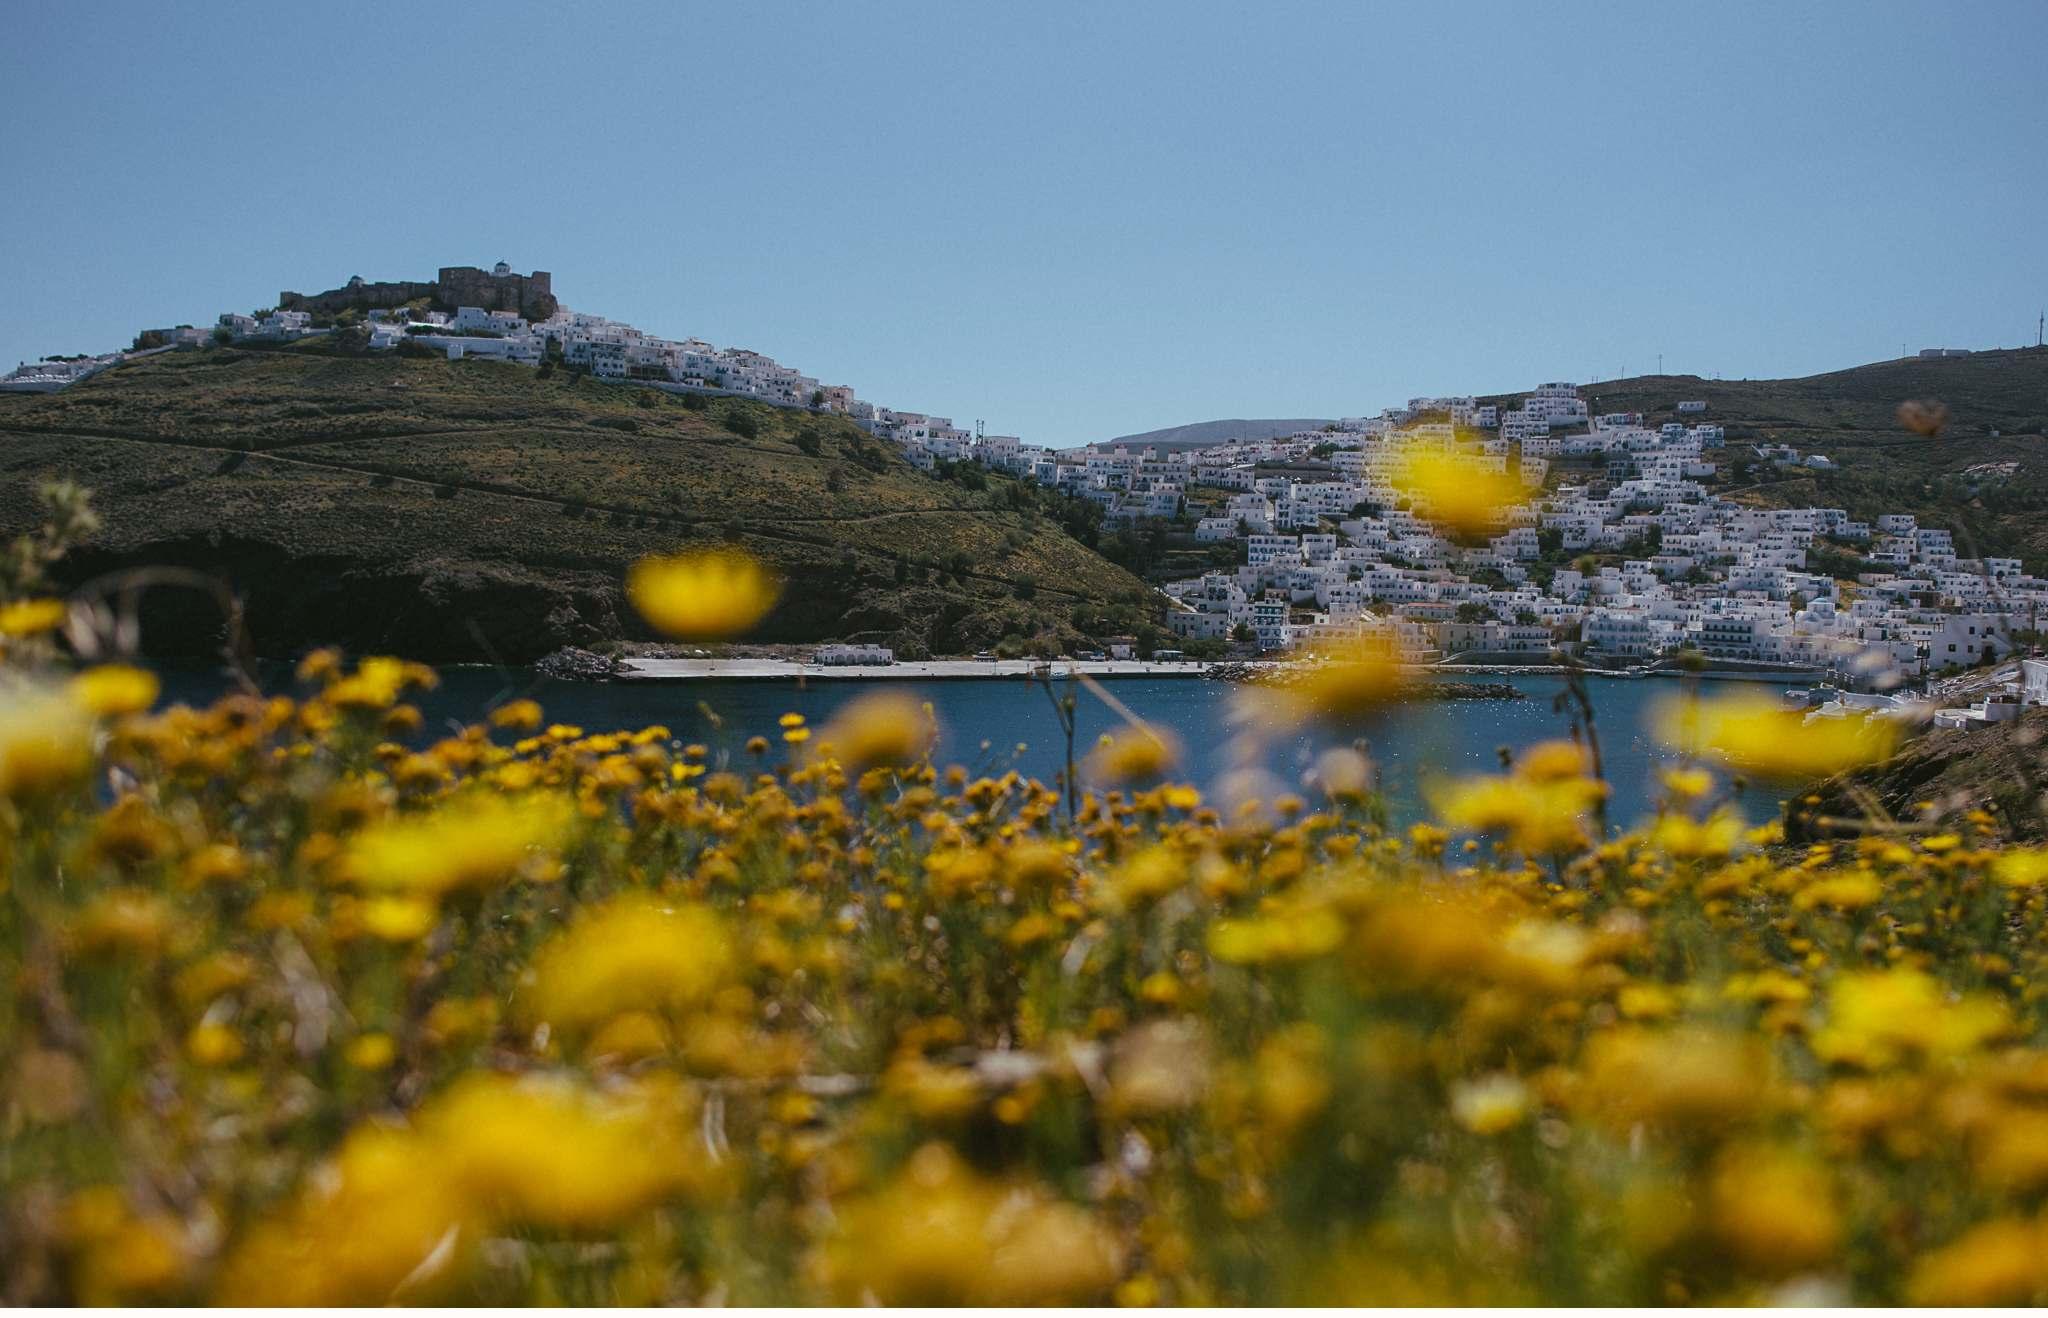 Astypalea - greek Island in the Aegaen sea - Geschichten von unterwegs - Foto Daniel Kempf-Seifried-49